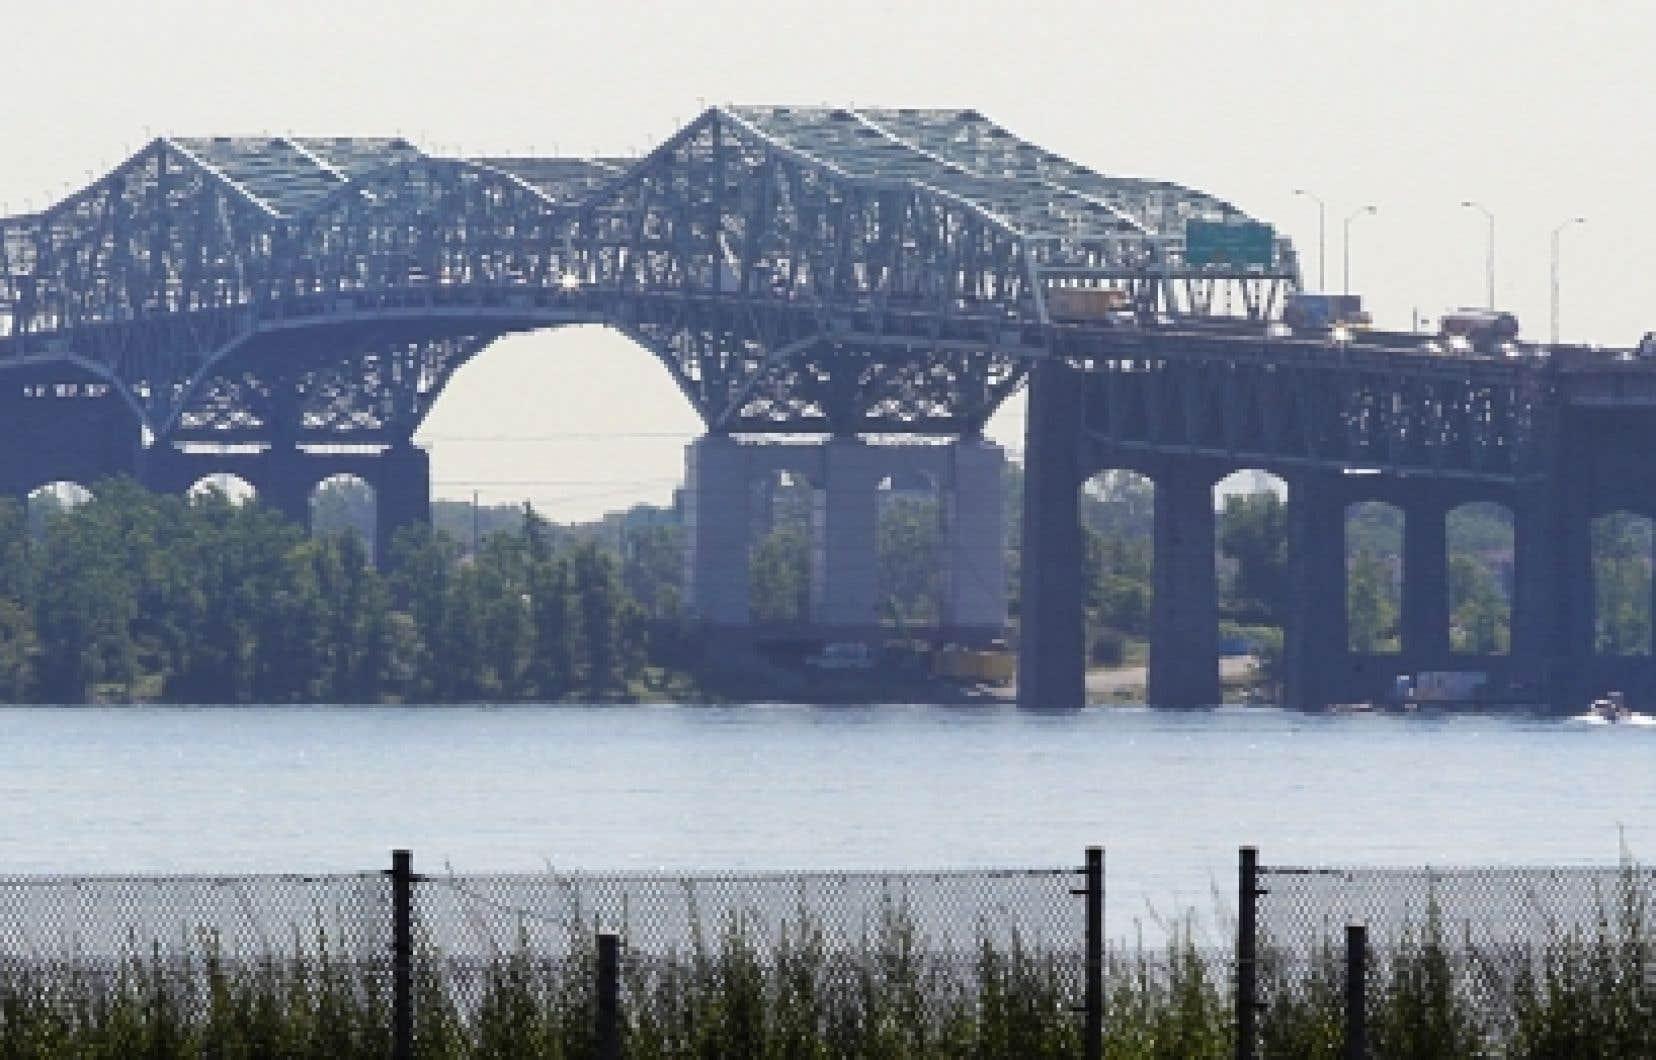 Des consultations publiques liées à l'évaluation environnementale du projet de remplacement du pont Champlain auront lieu cet automne.